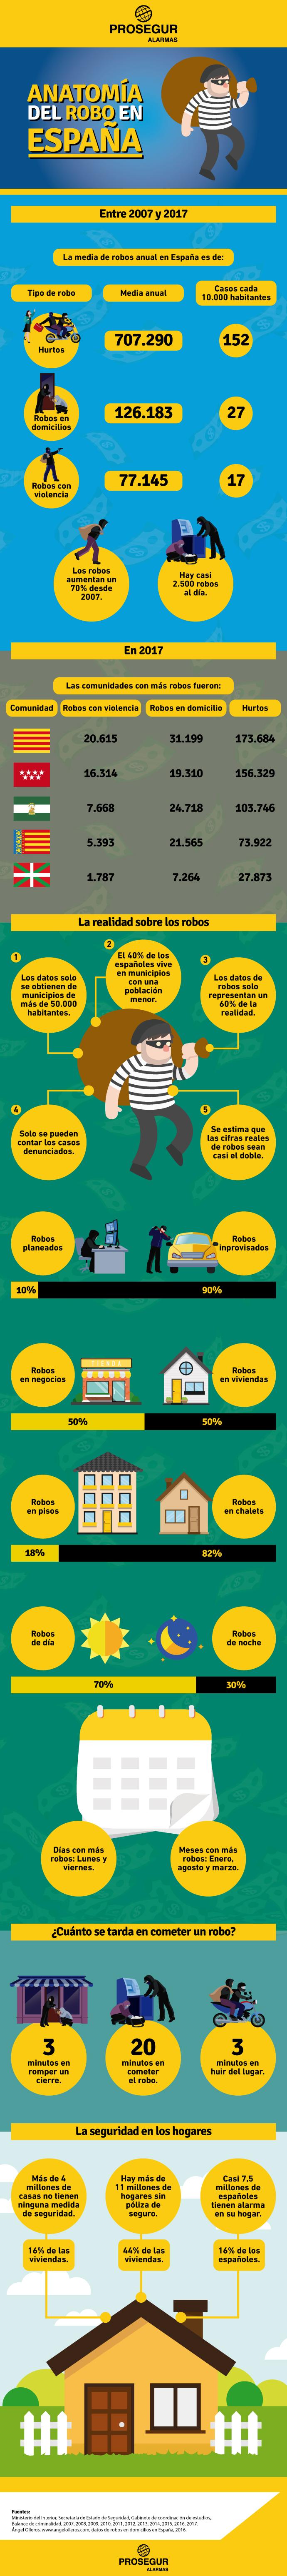 ¿Cómo son los robos España?